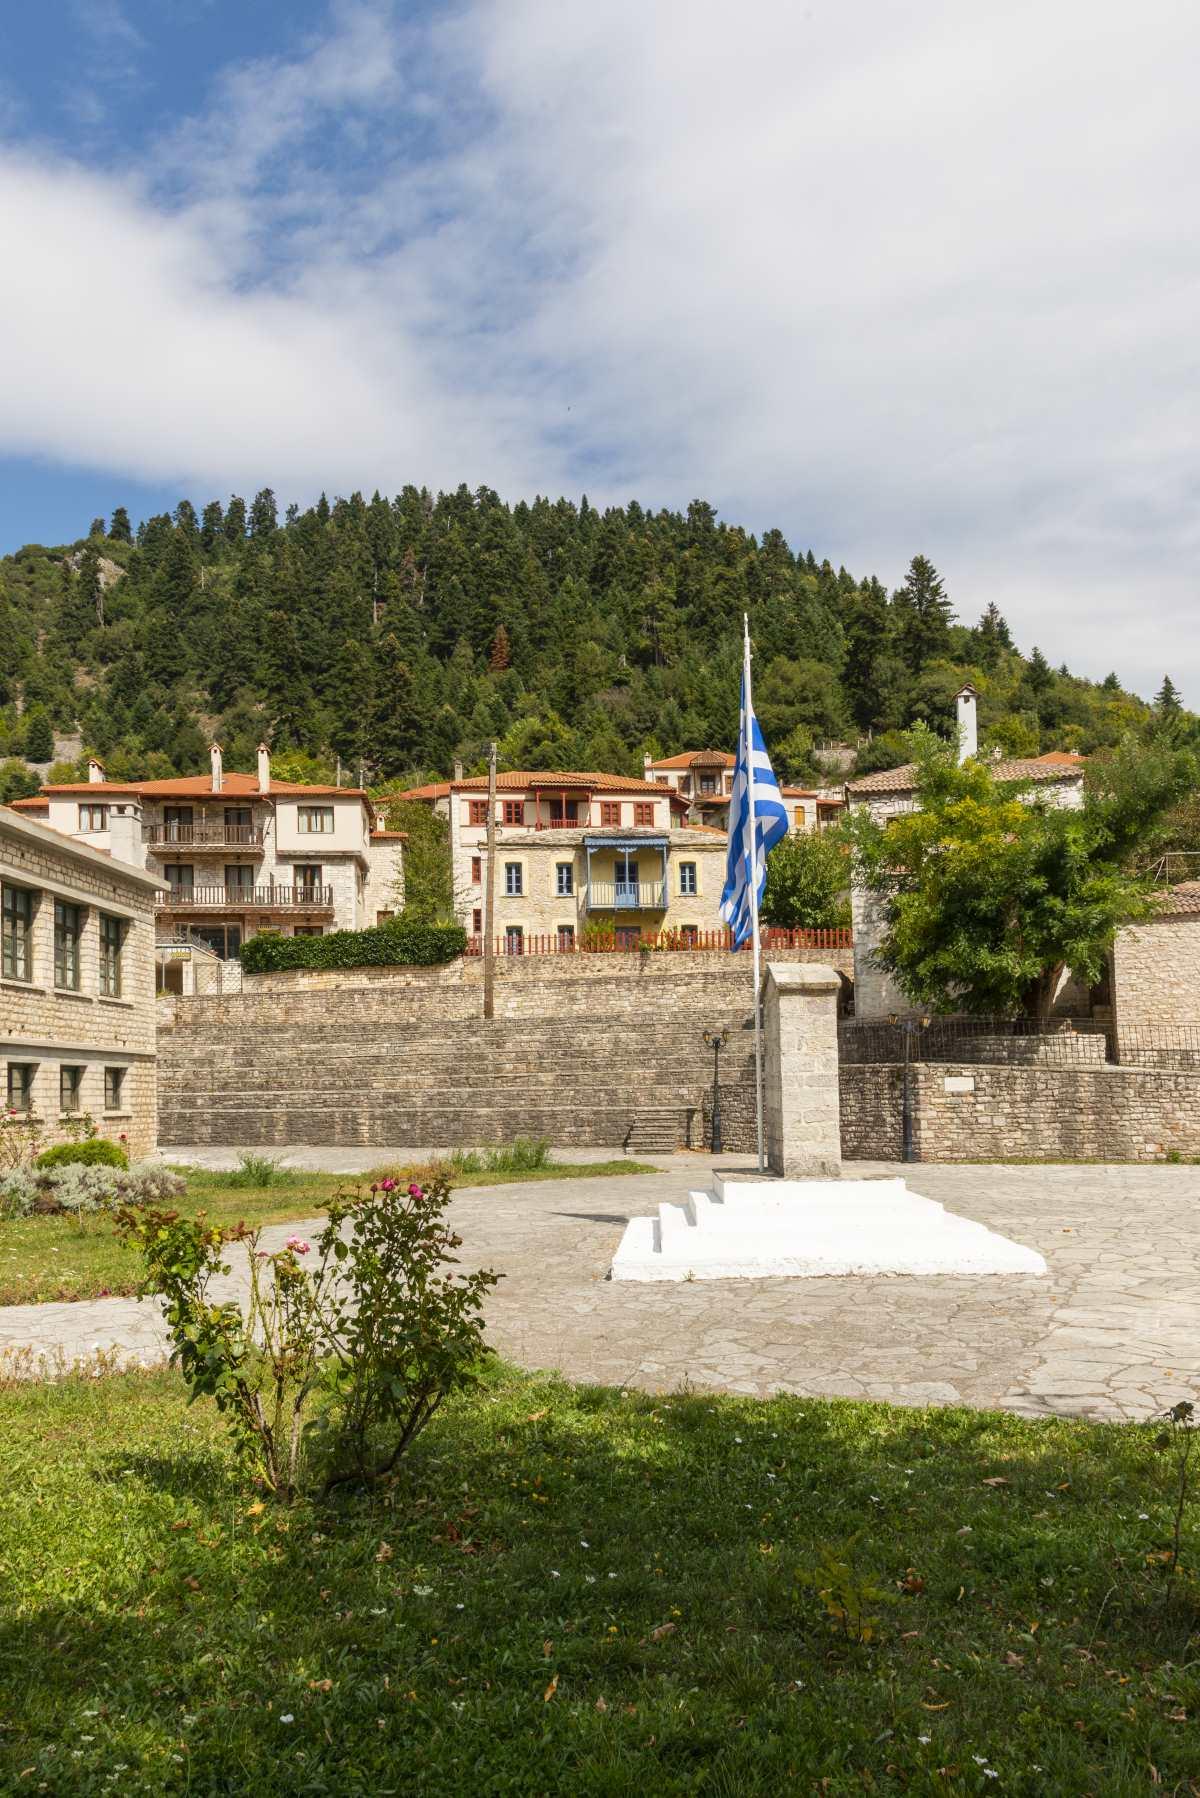 Μουσείο Εθνικής Αντίστασης, Κορυσχάδες